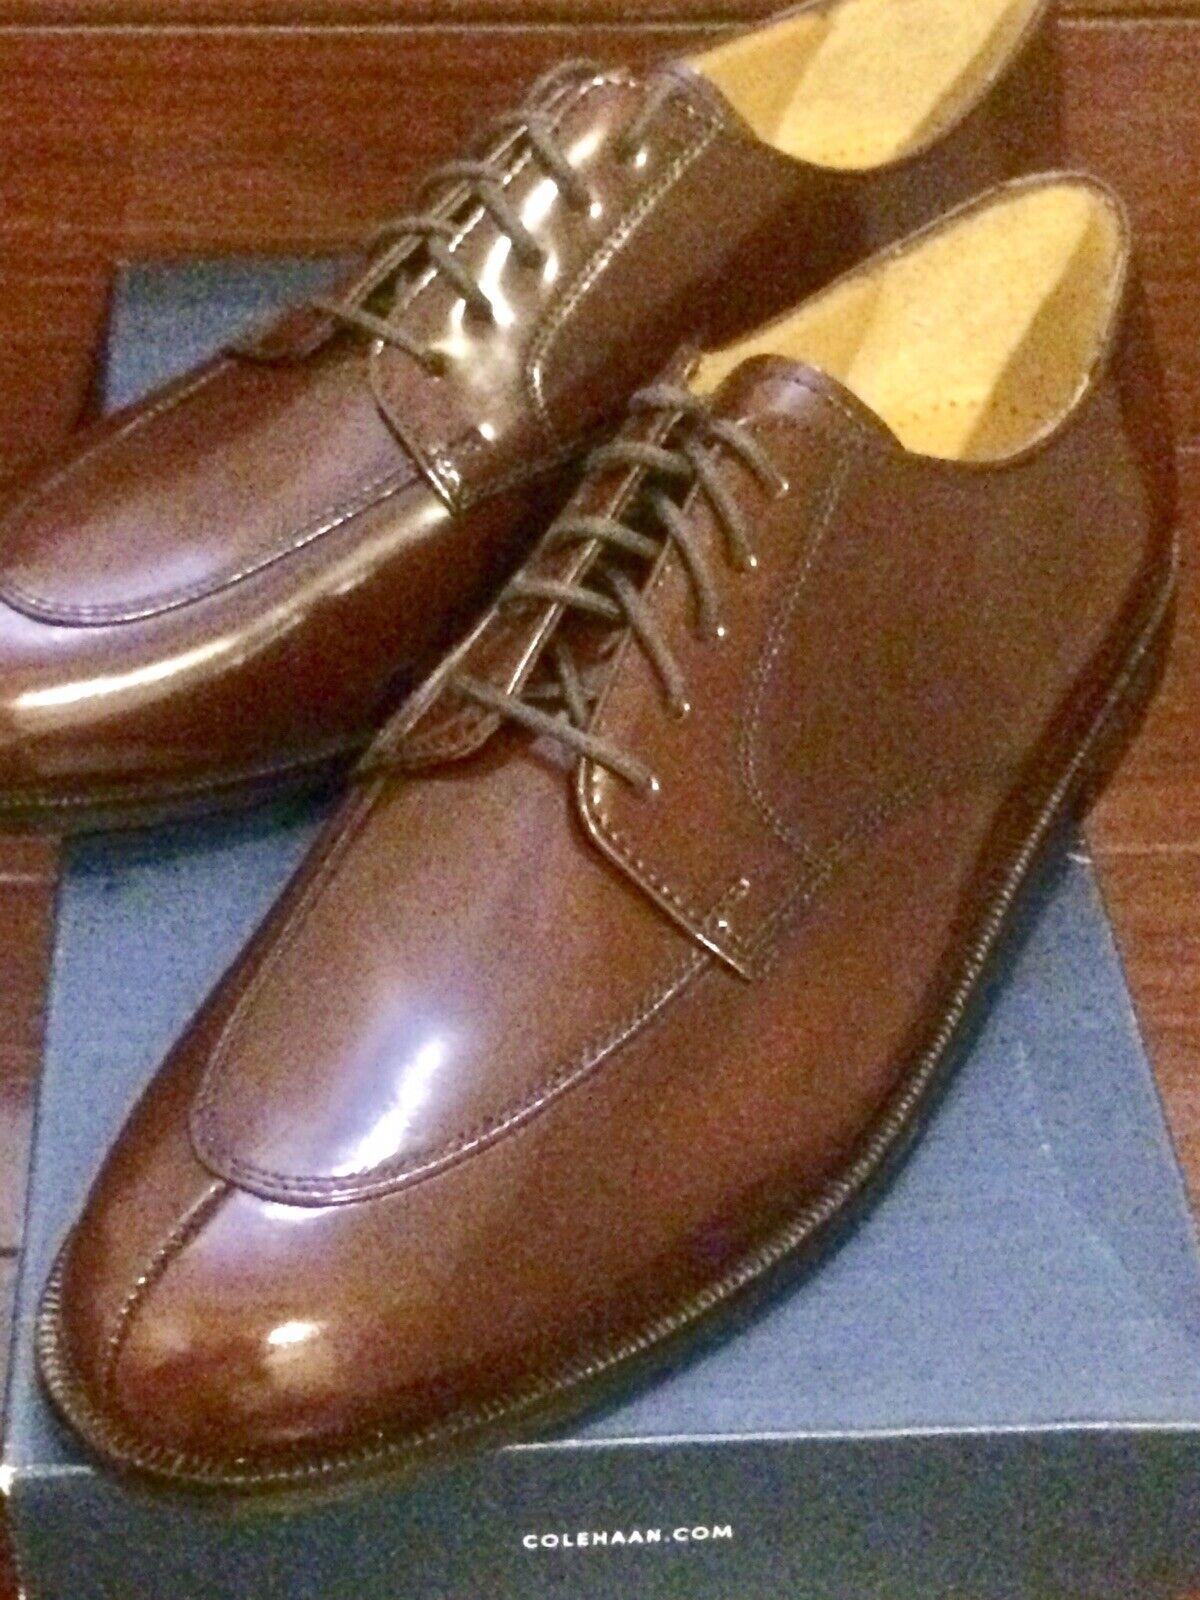 servizio di prima classe COLE HAAN Calhoun Oxford C00590 Mahogany Mahogany Mahogany Leather Split Toe Dress scarpe Uomo 10.5  servizio onesto